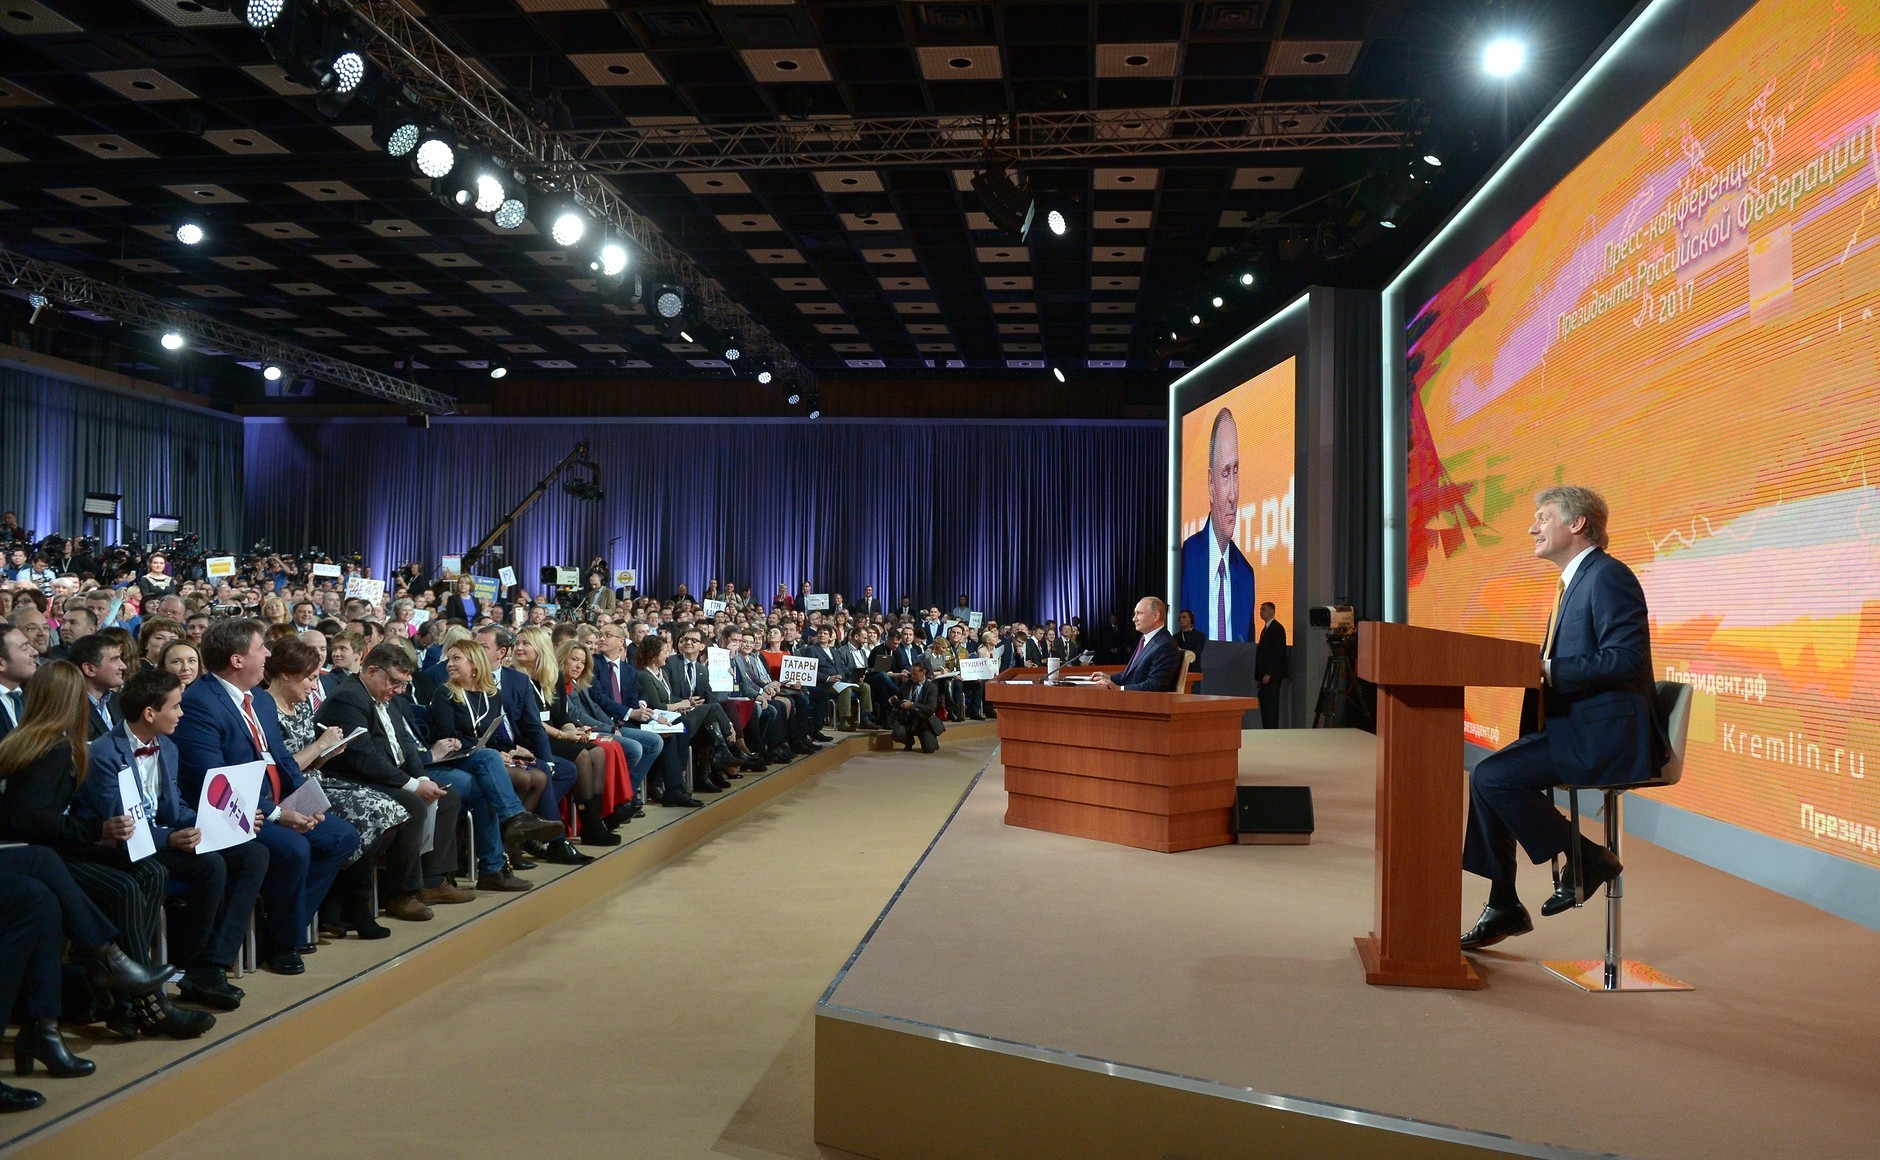 Владимир Путин: Немнеже себе соперников воспитывать